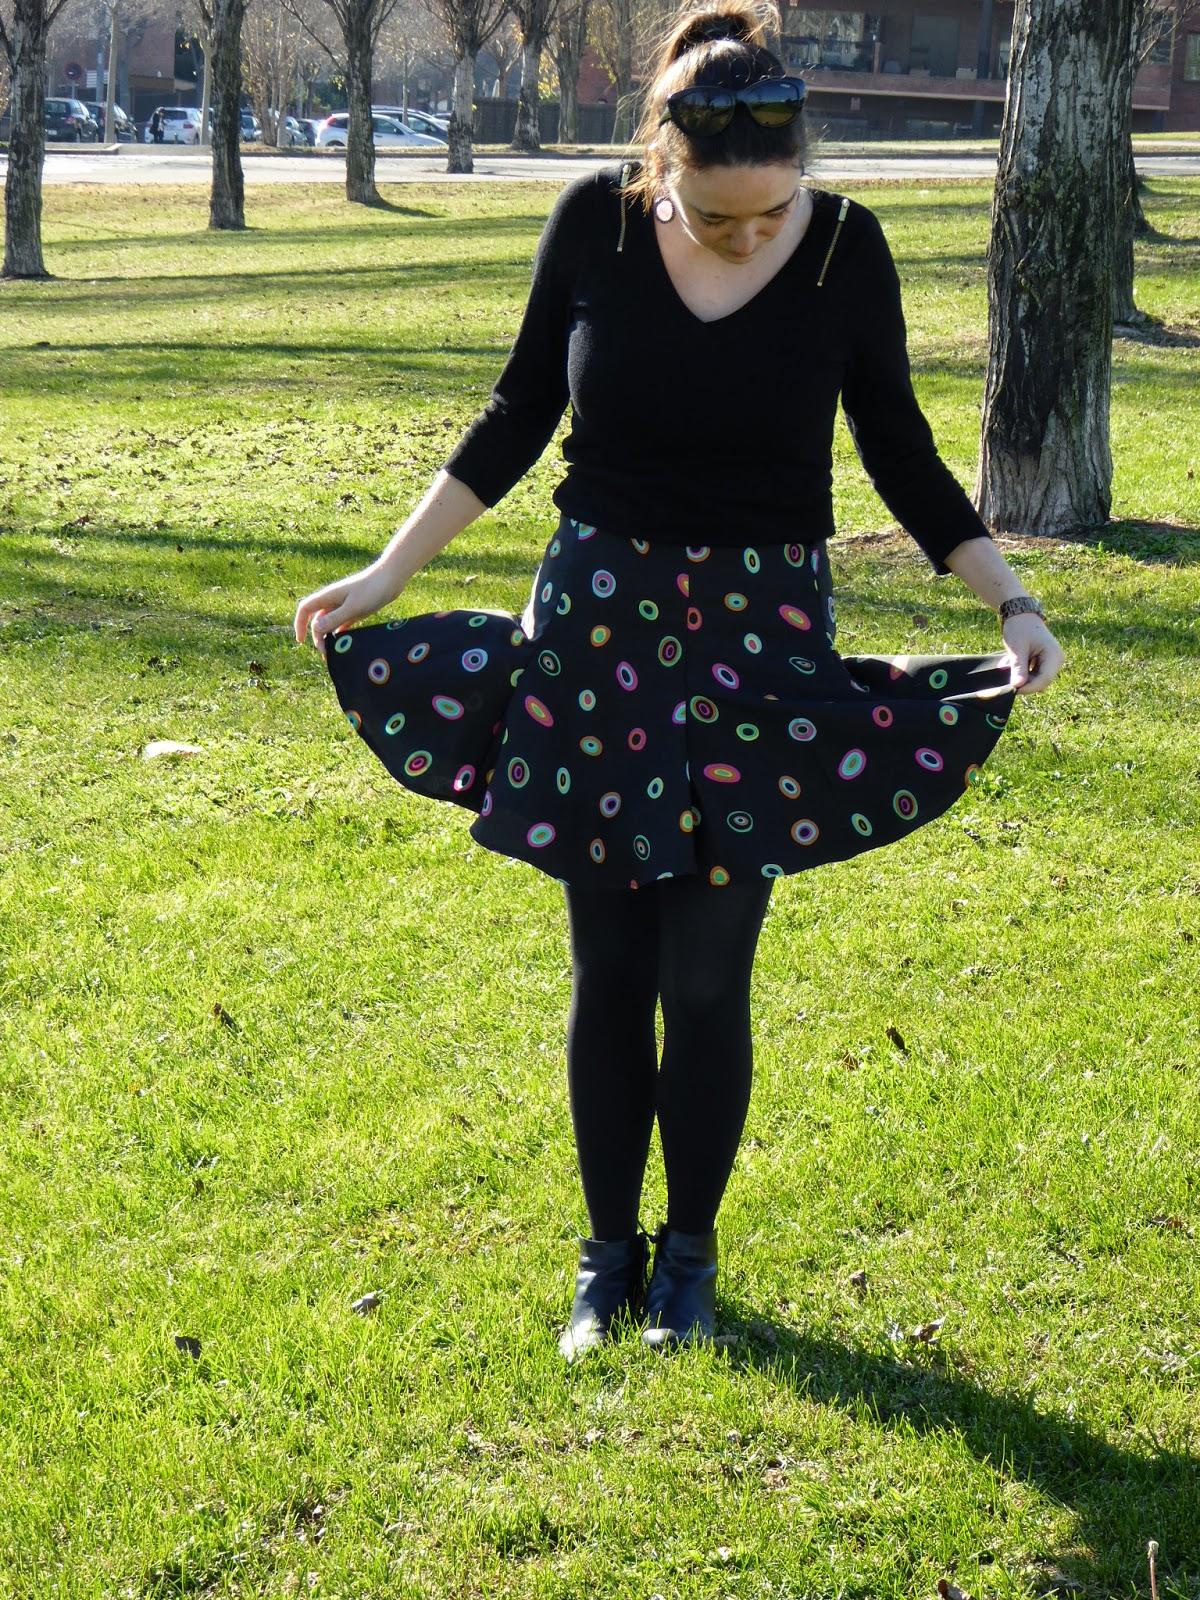 suopursu skirt ottobre design 05/2014 modistilla de pacotilla falda mujer chula